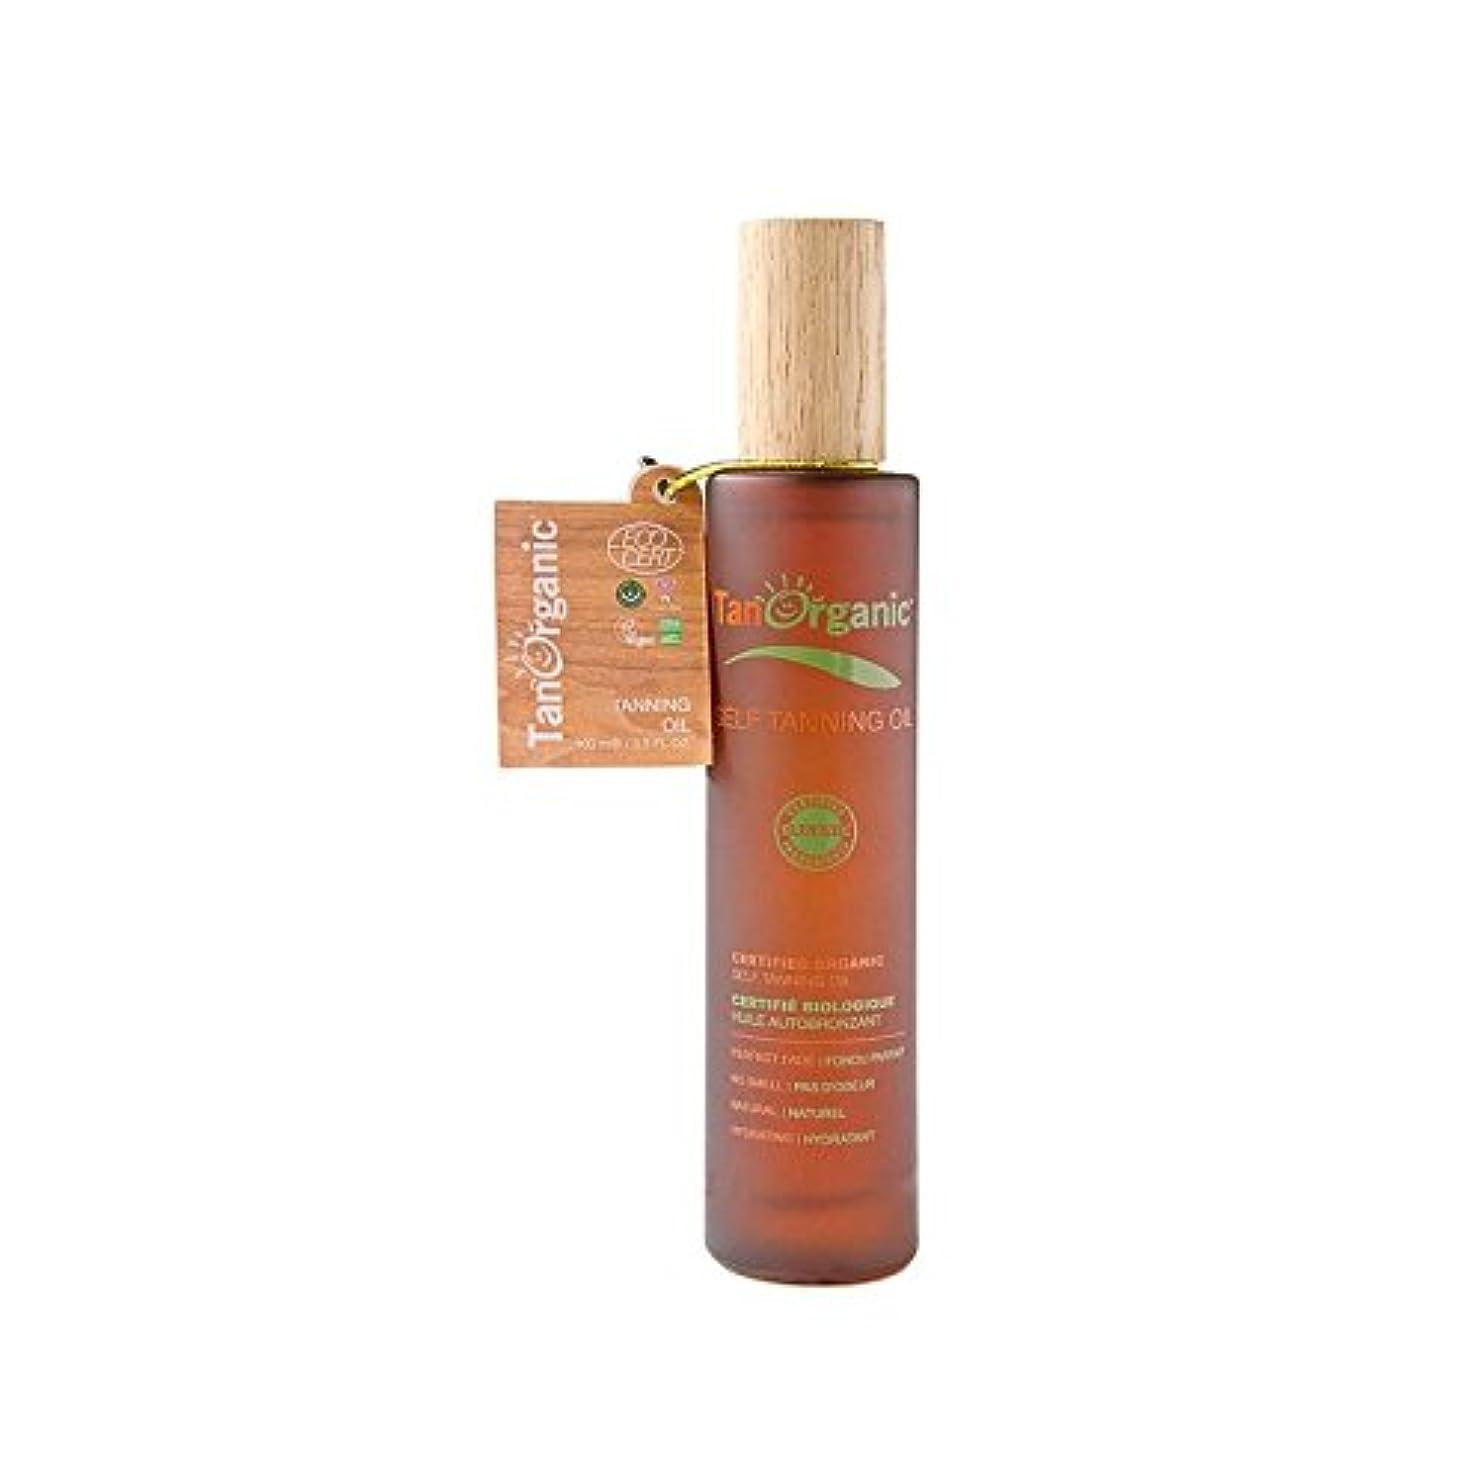 縮れた説得座標Tanorganic自己日焼け顔&ボディオイル (Tan Organic) - TanOrganic Self-Tan Face & Body Oil [並行輸入品]